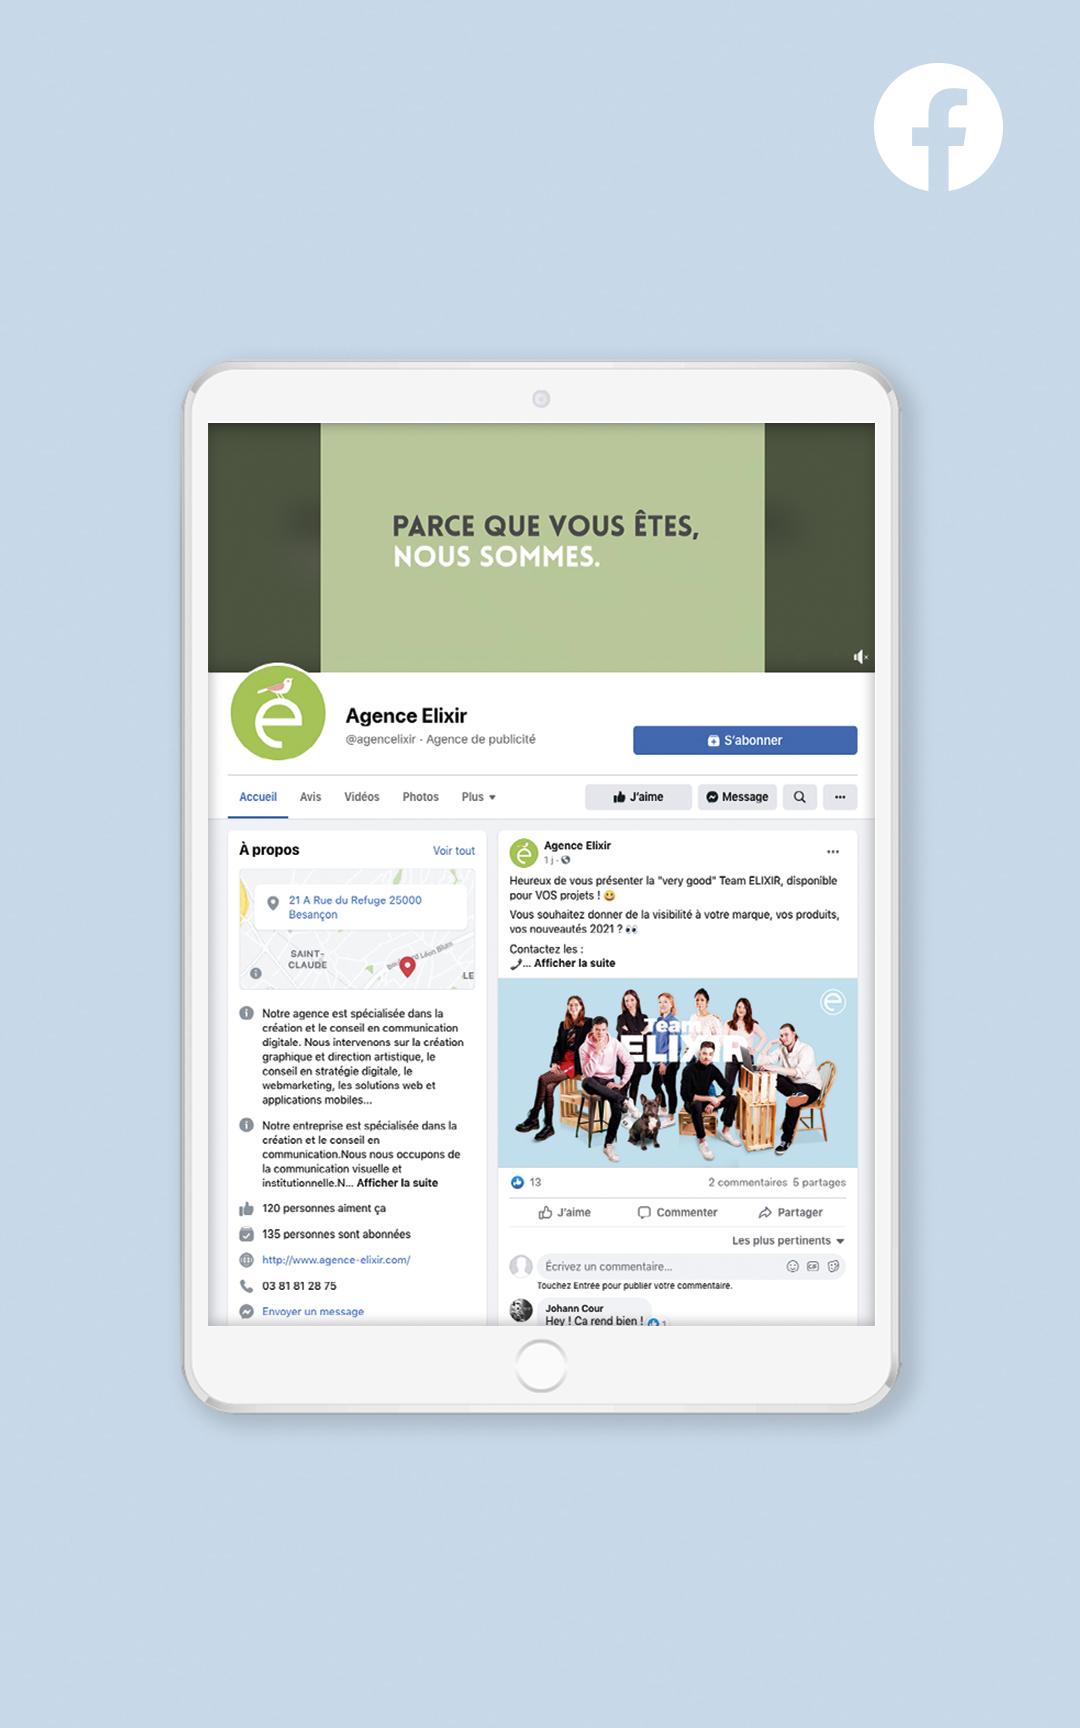 Création d'un compte Facebook pour l'agence Elixir